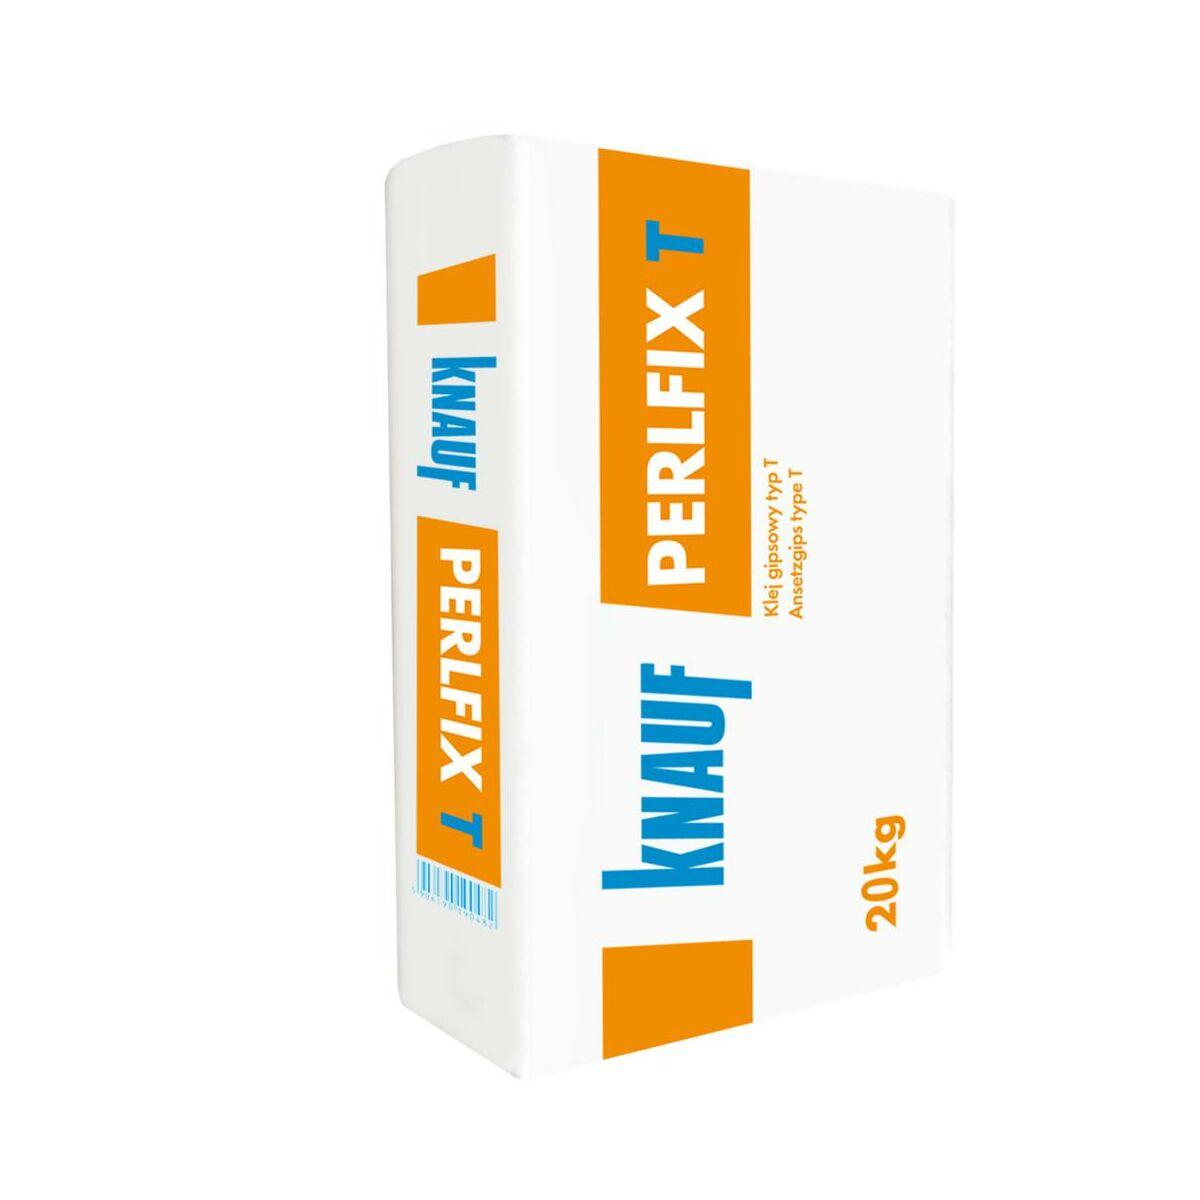 Klej Gipsowy Perlfix T 20 Kg Knauf Kleje Gipsowe W Atrakcyjnej Cenie W Sklepach Leroy Merlin